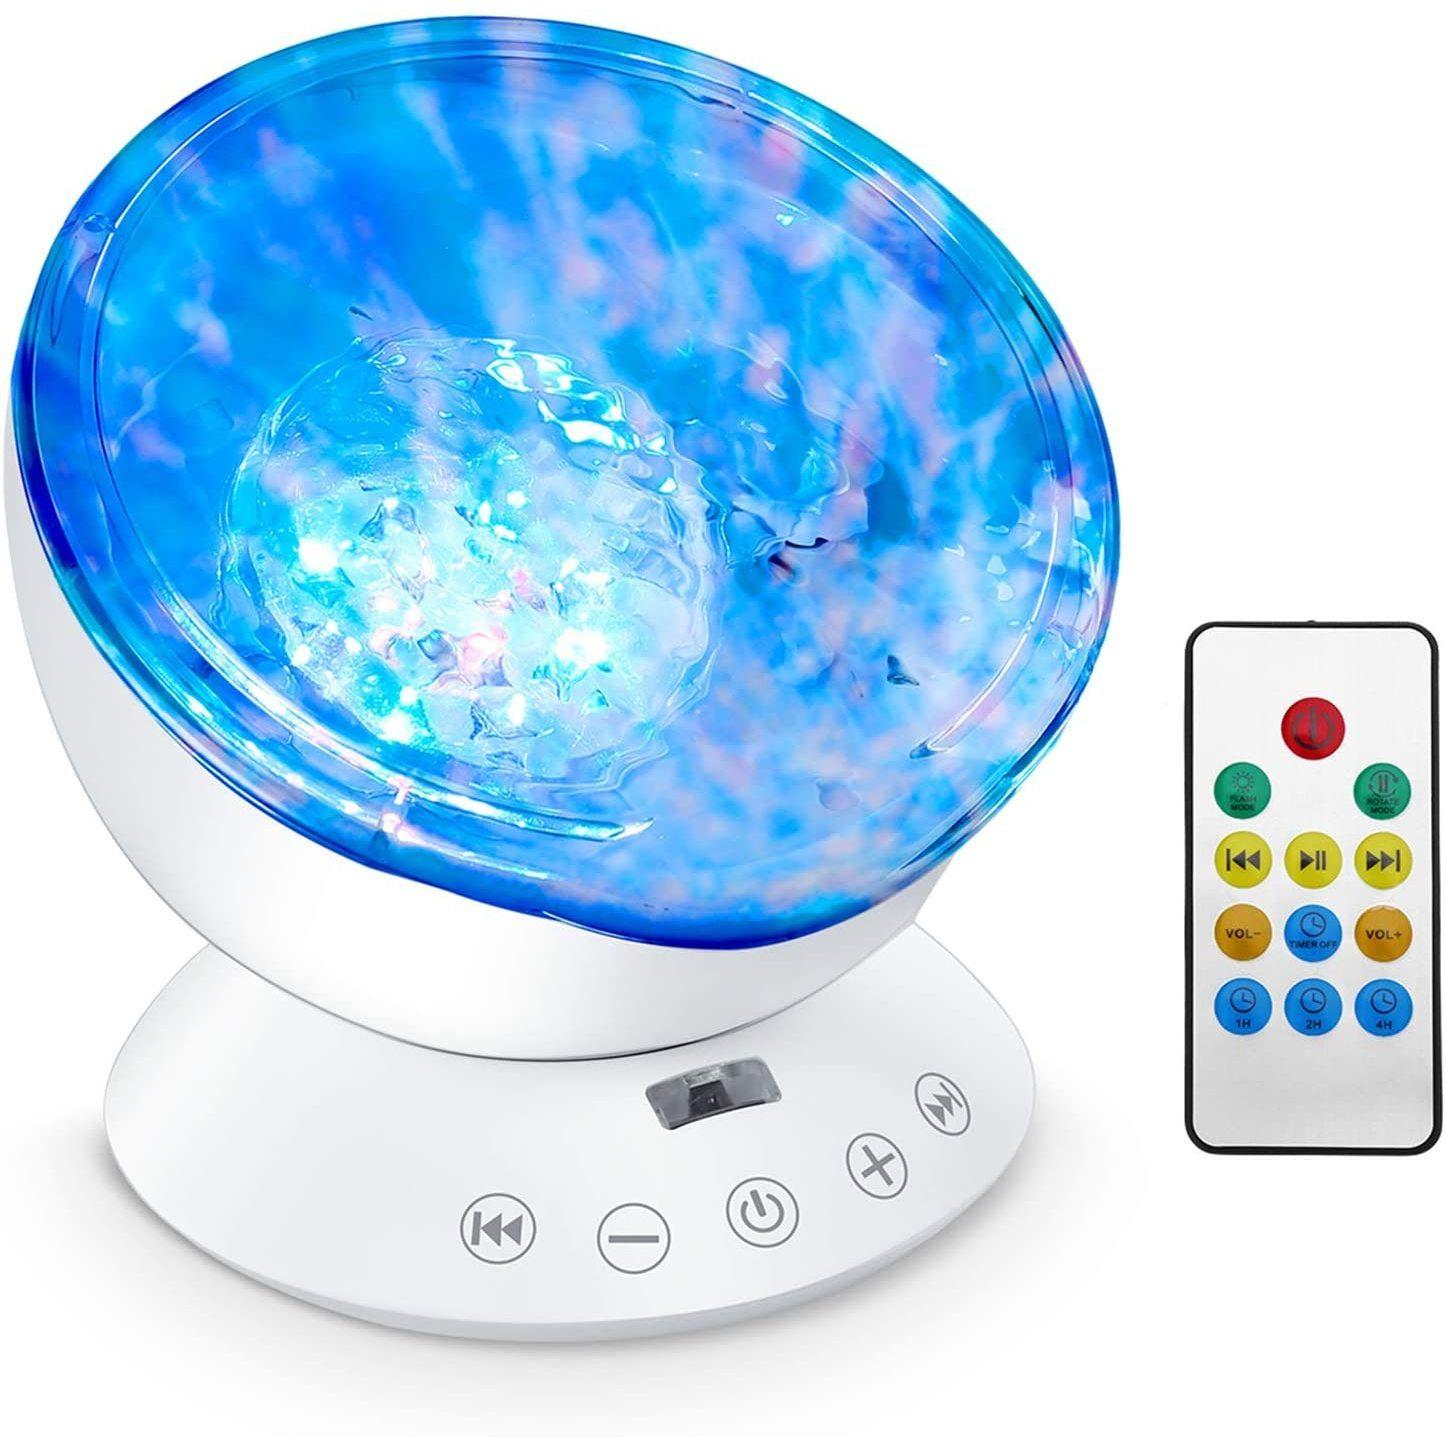 Lampa de veghe cu proiector si sunete Ocean Wave Bambinice BN022 imagine